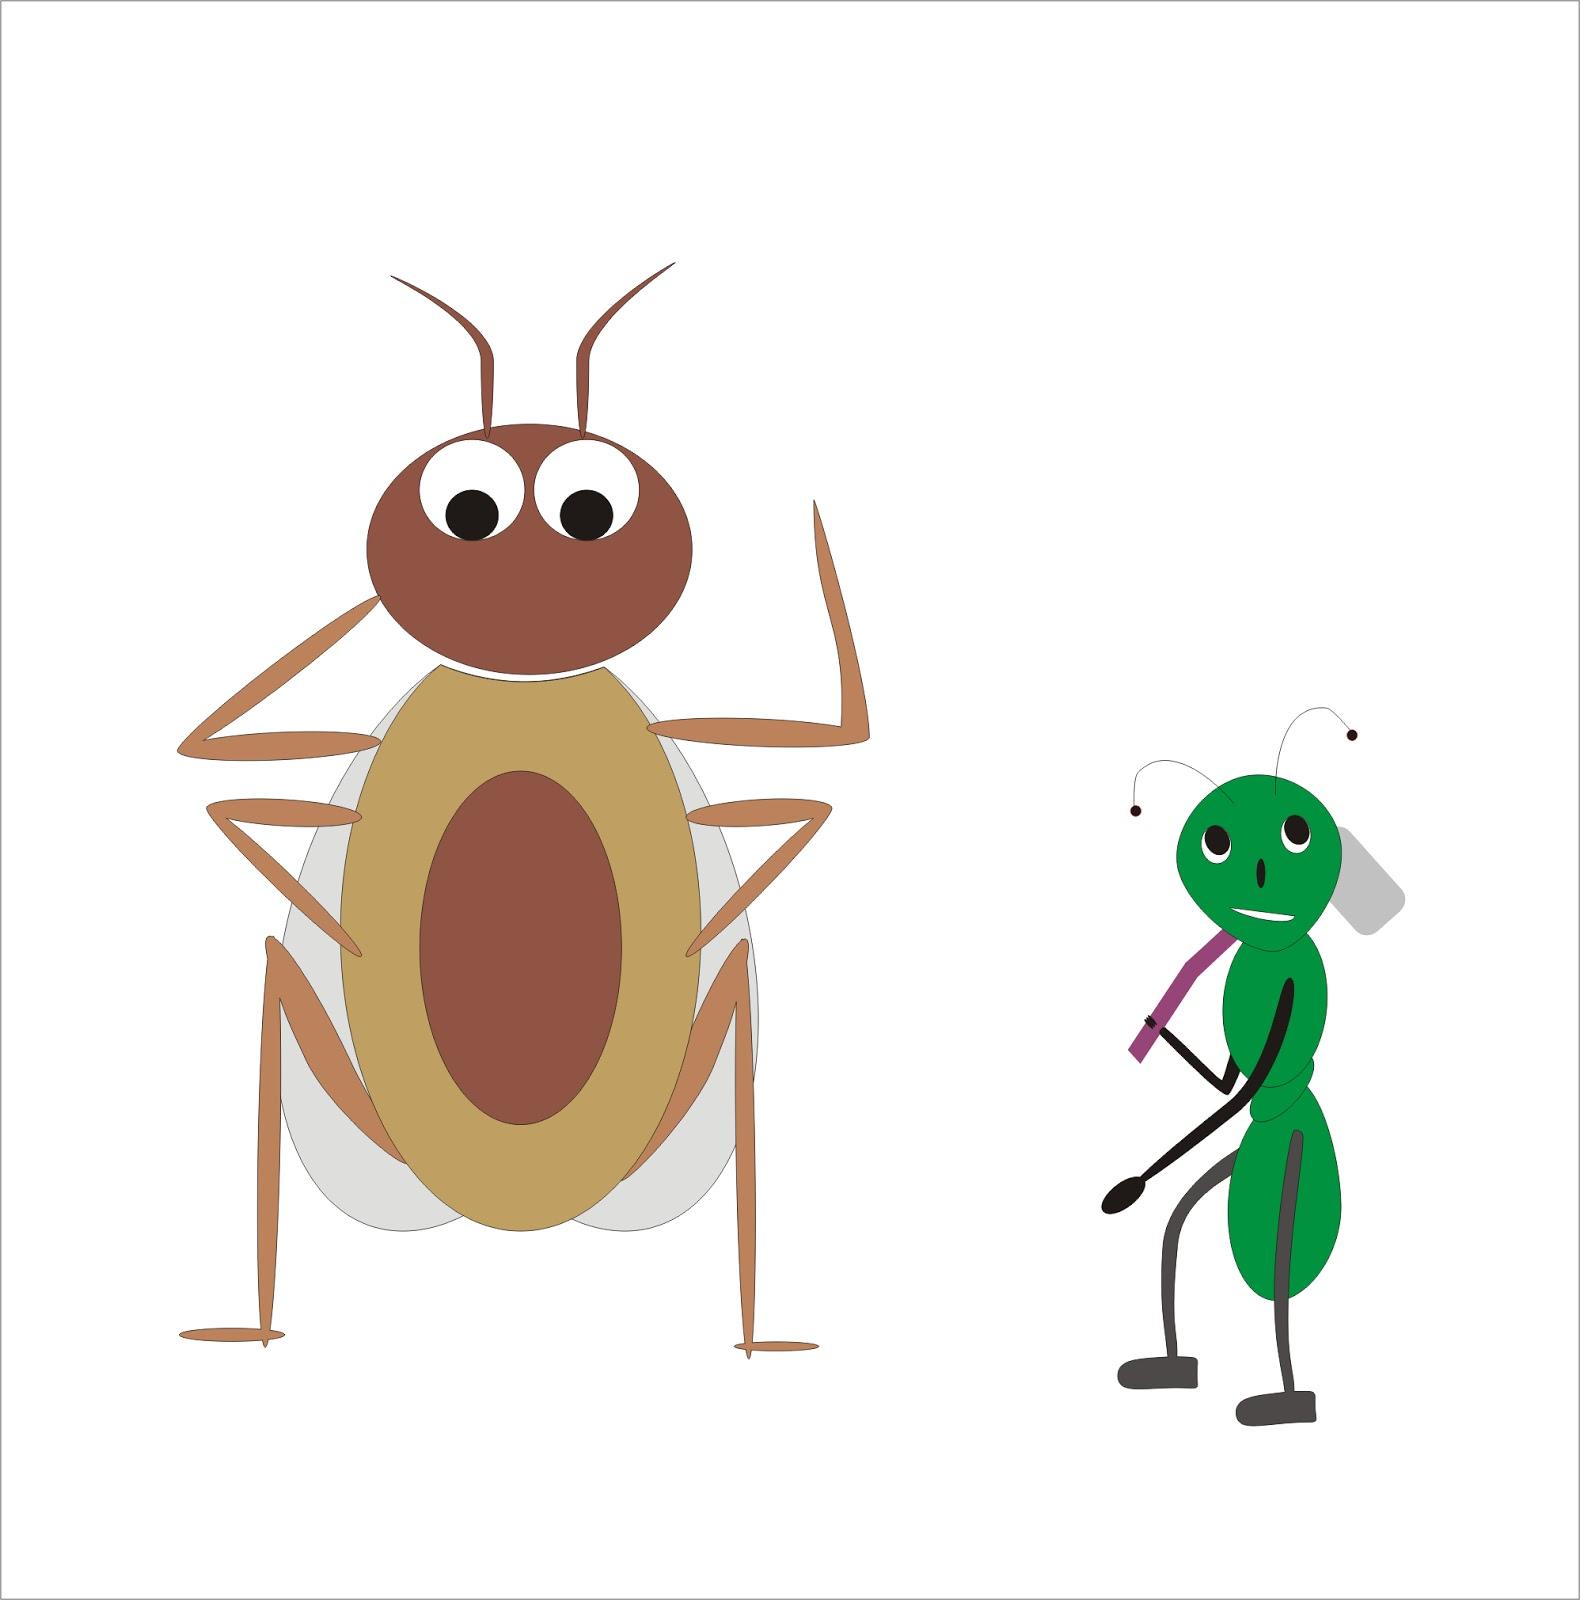 Semut Dan Kecoa Cerita Tentang Semut